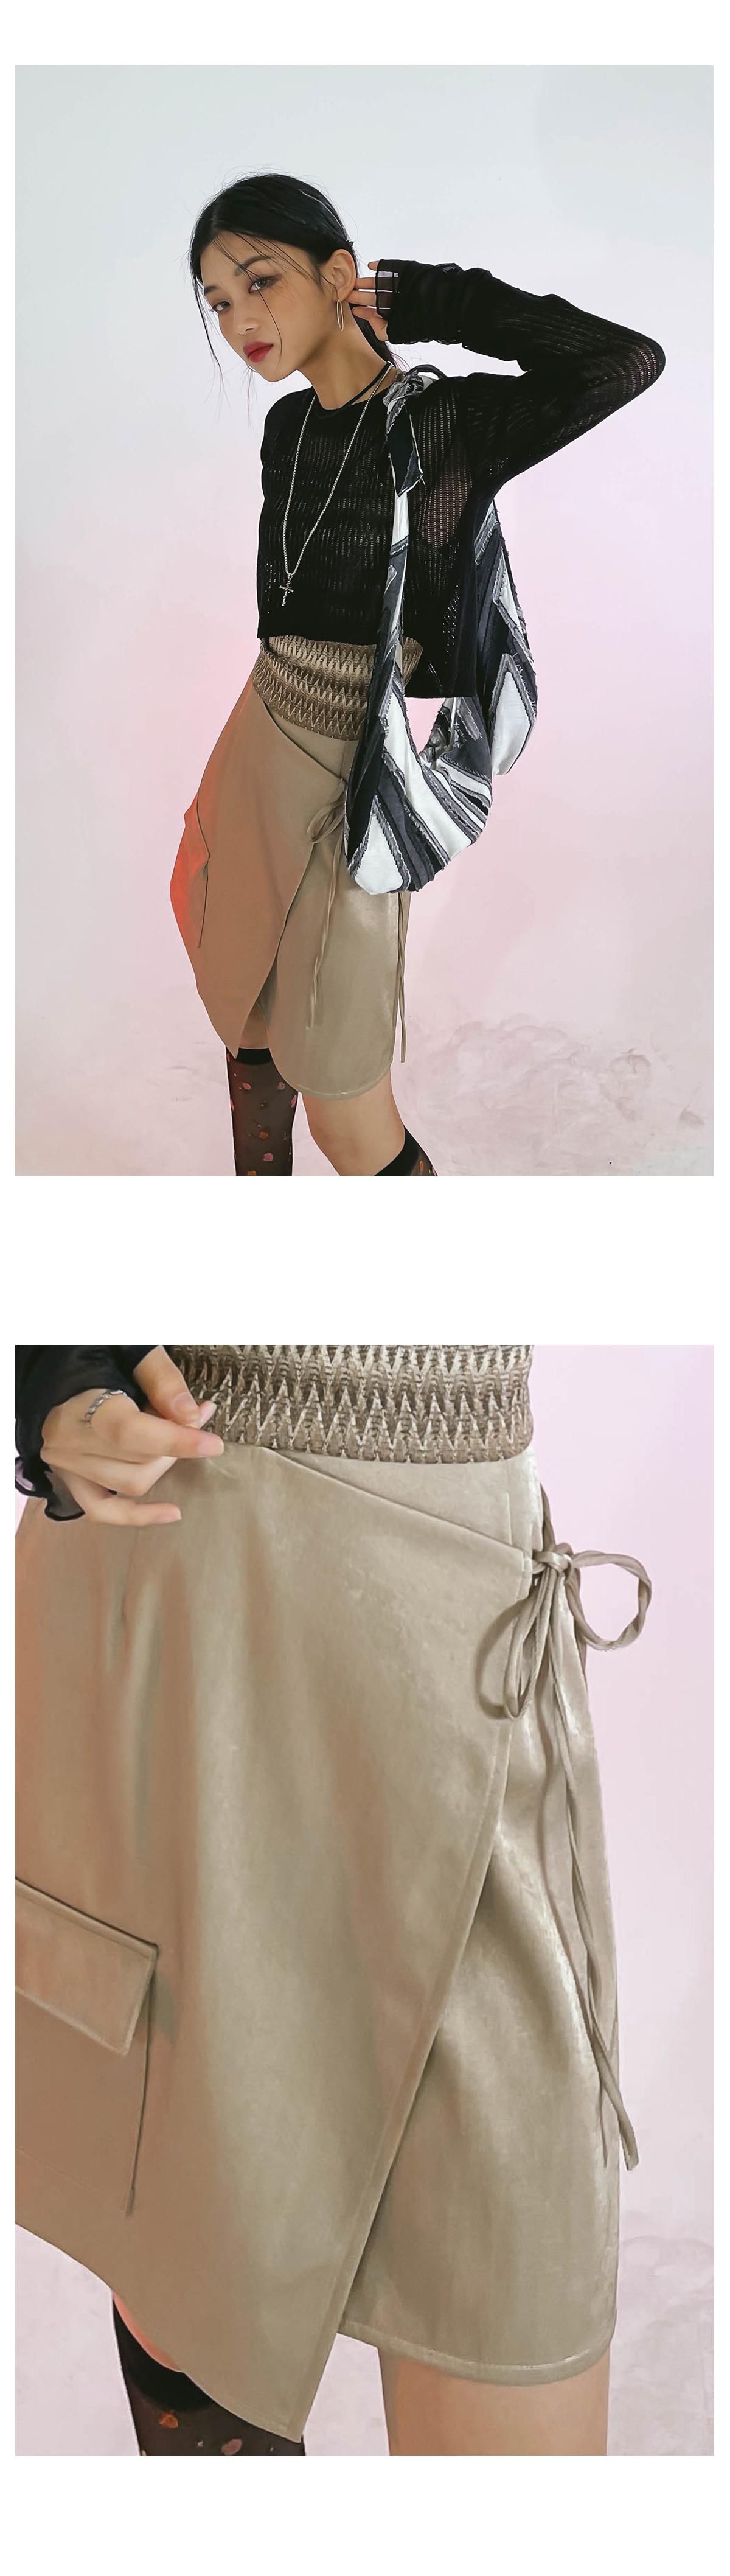 Sophie wrap skirt